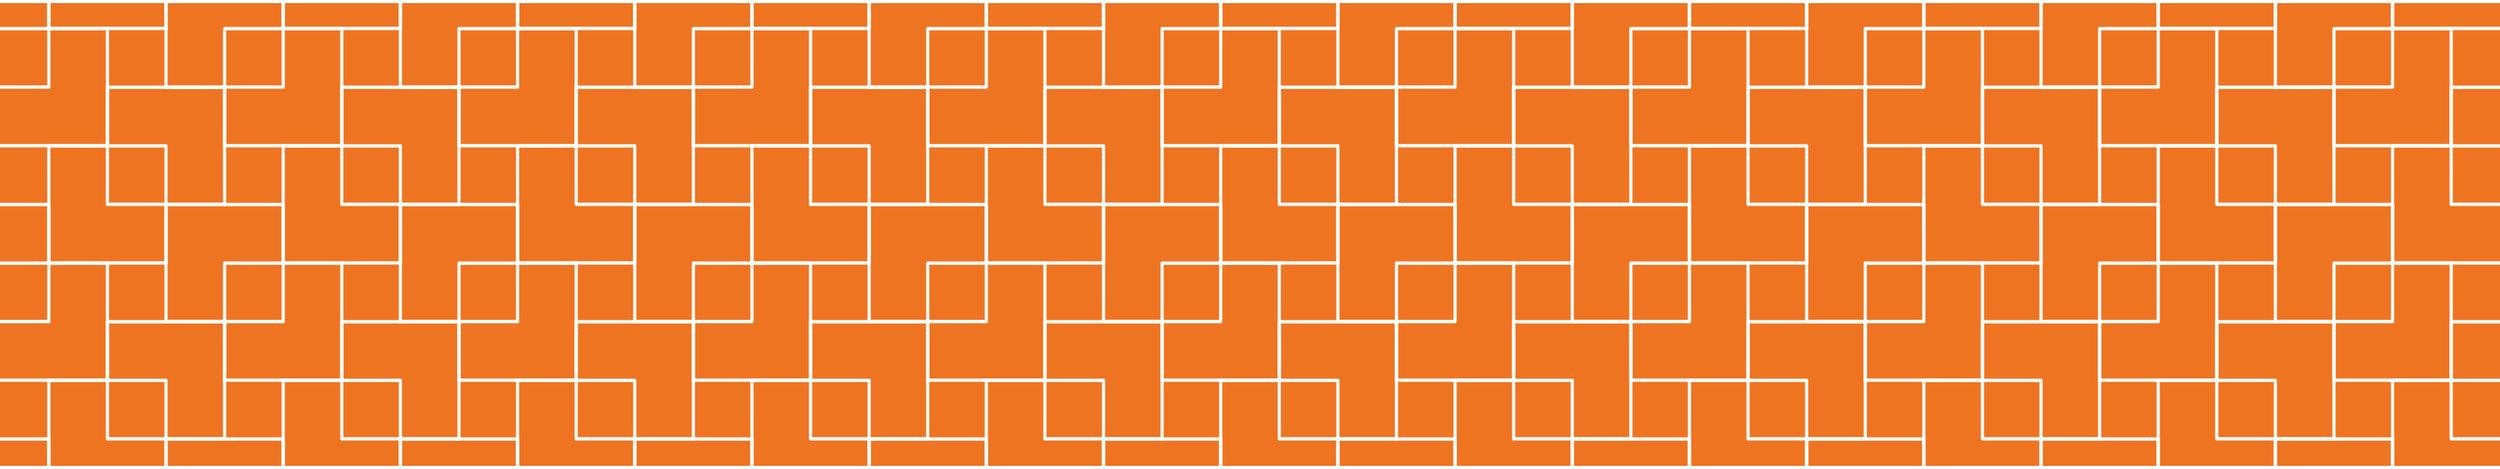 coa-pattern_04 copy@2x.jpg